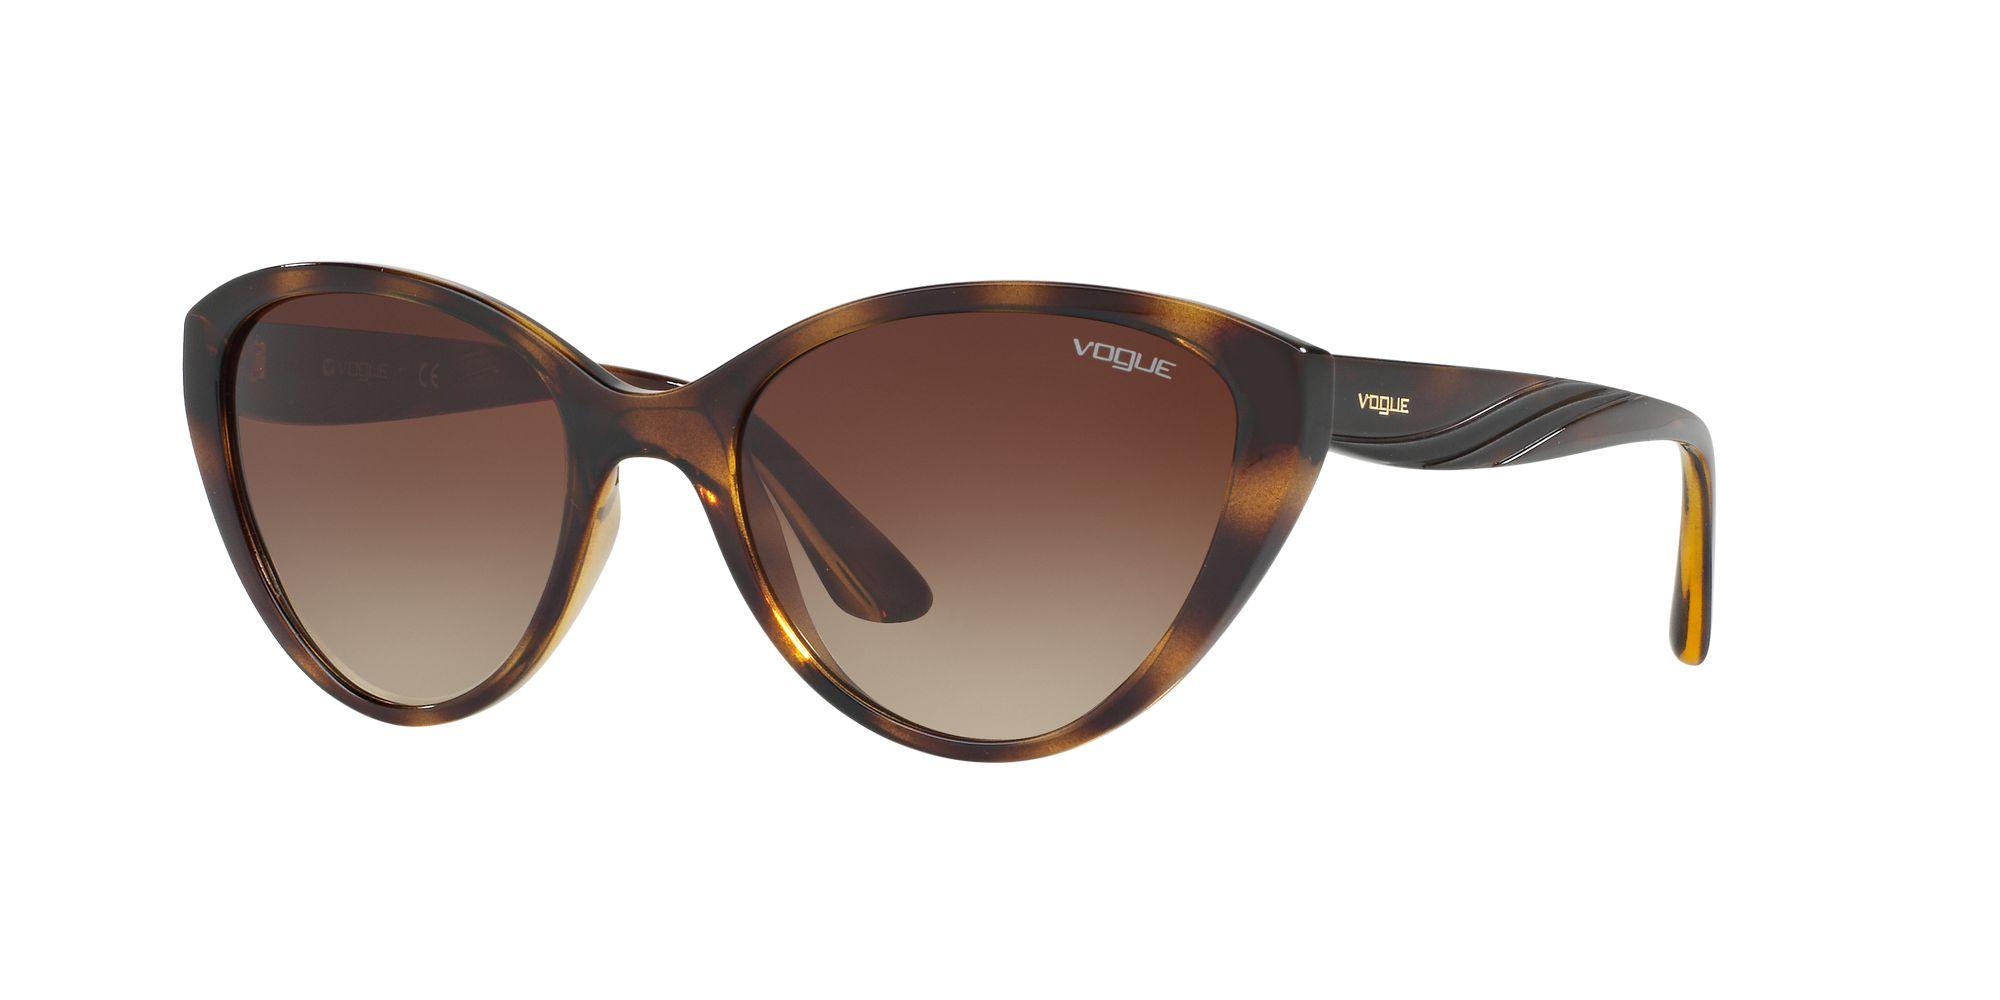 Vogue Vo5105s W65613 55-19 6NXbiAWh